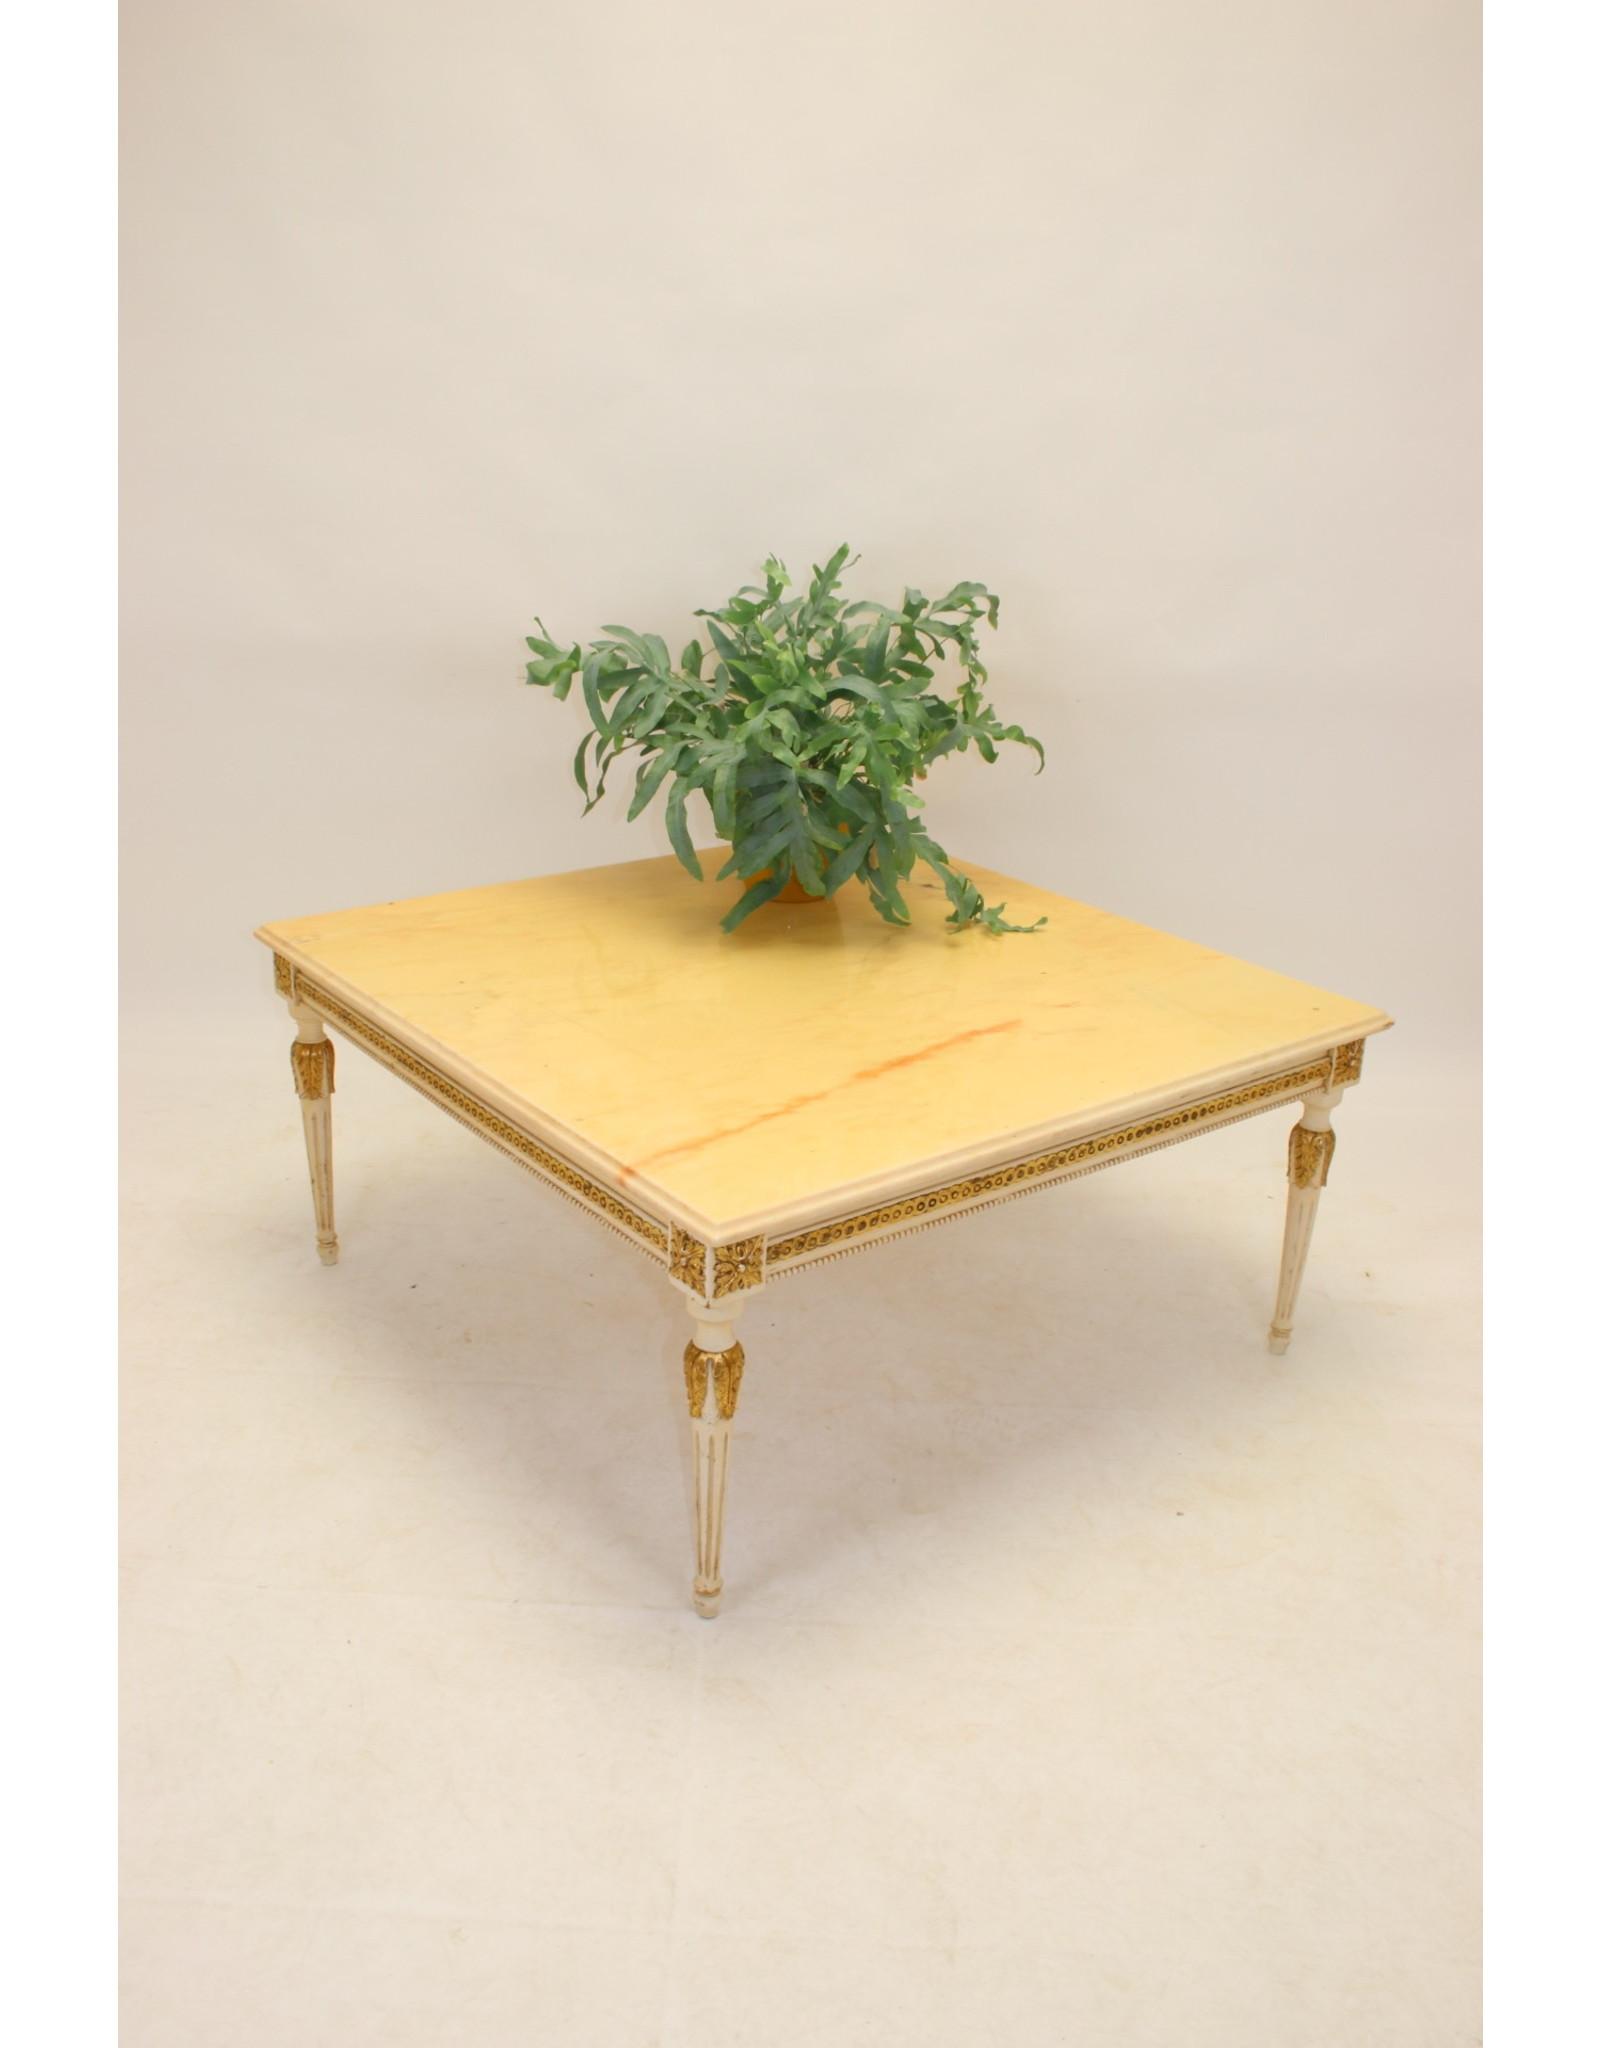 Italian Marble Coffee Table 1960 100 X 100 Cm Timeless Art Nl